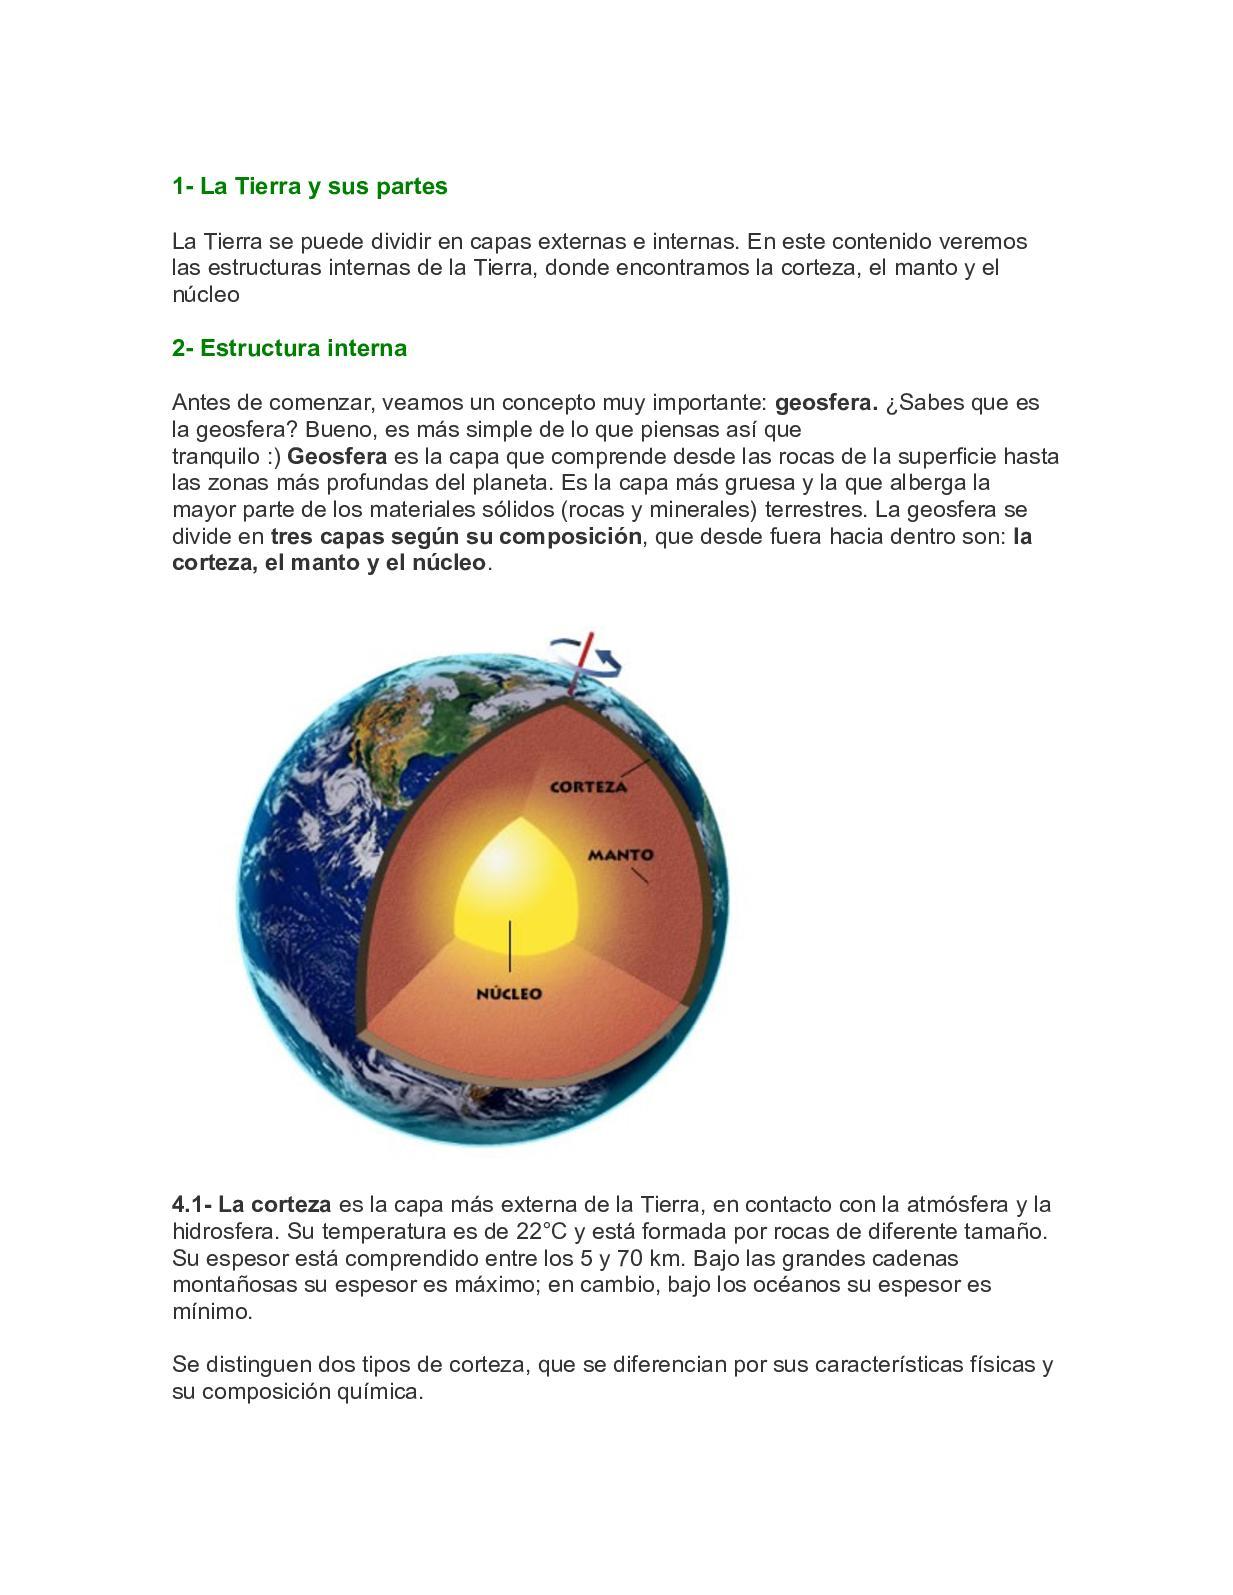 Calaméo Apuntes De Geografia Capaz De La Tierra